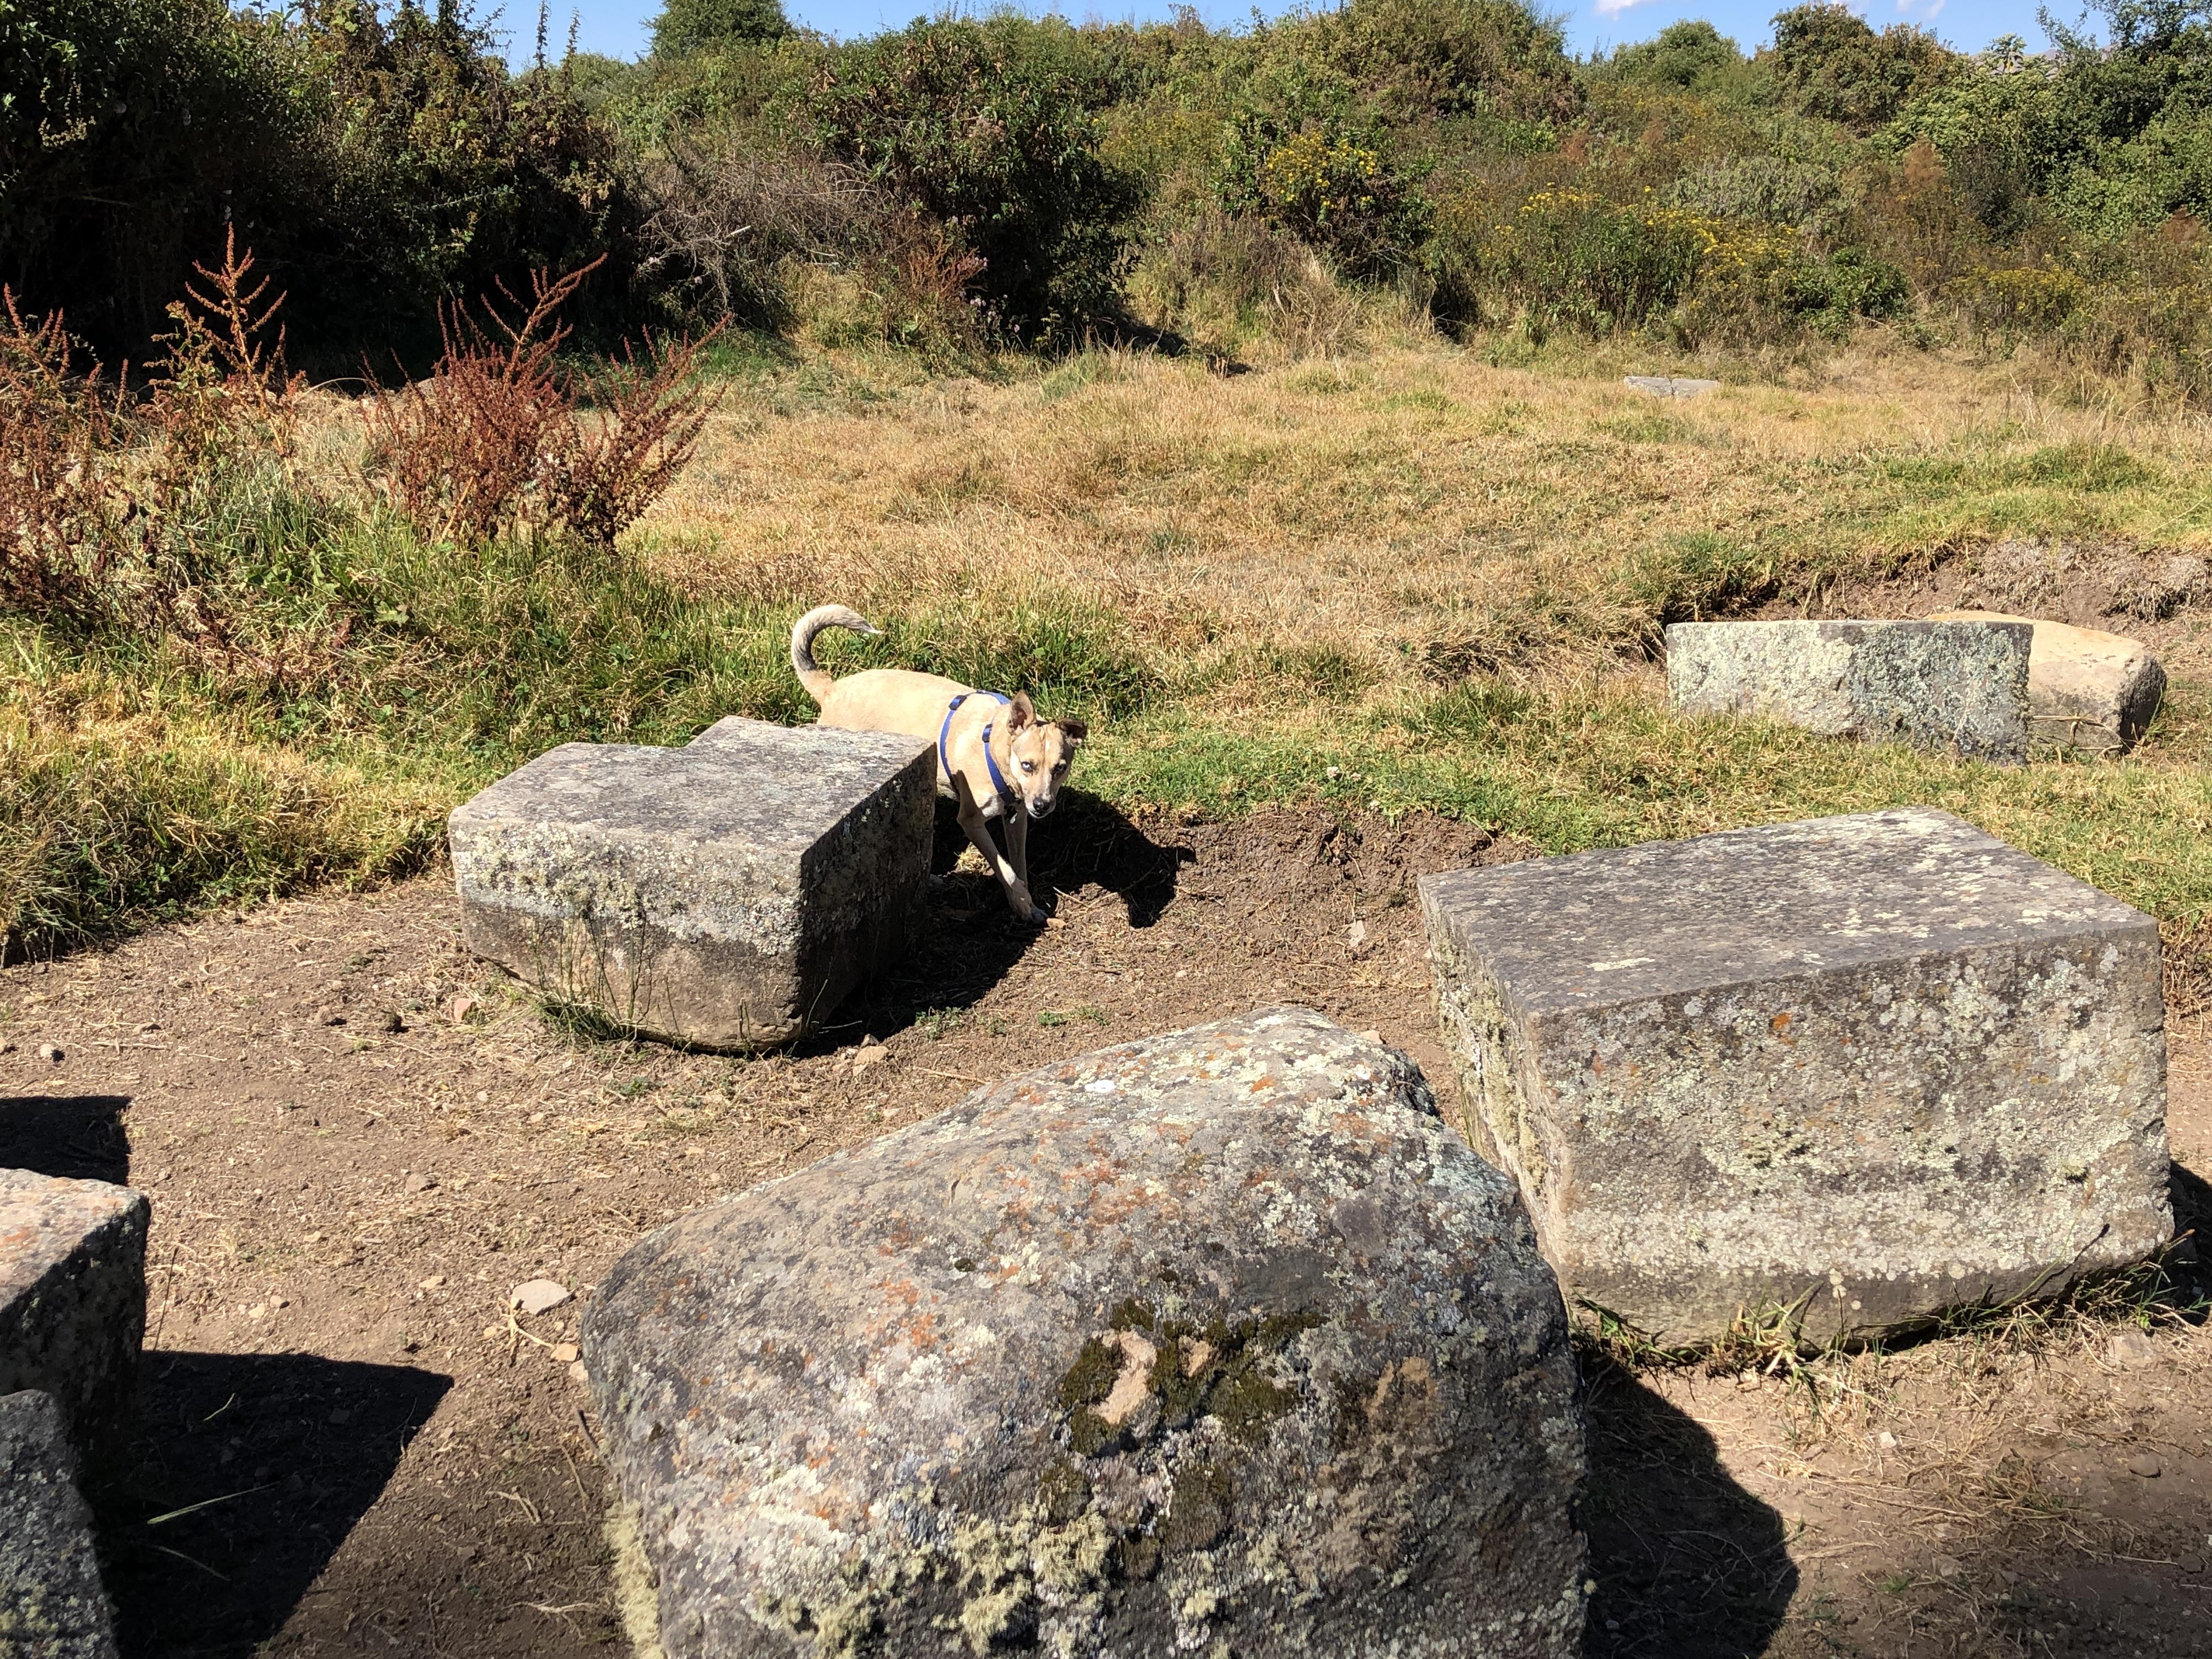 saywite ruins carved rocks